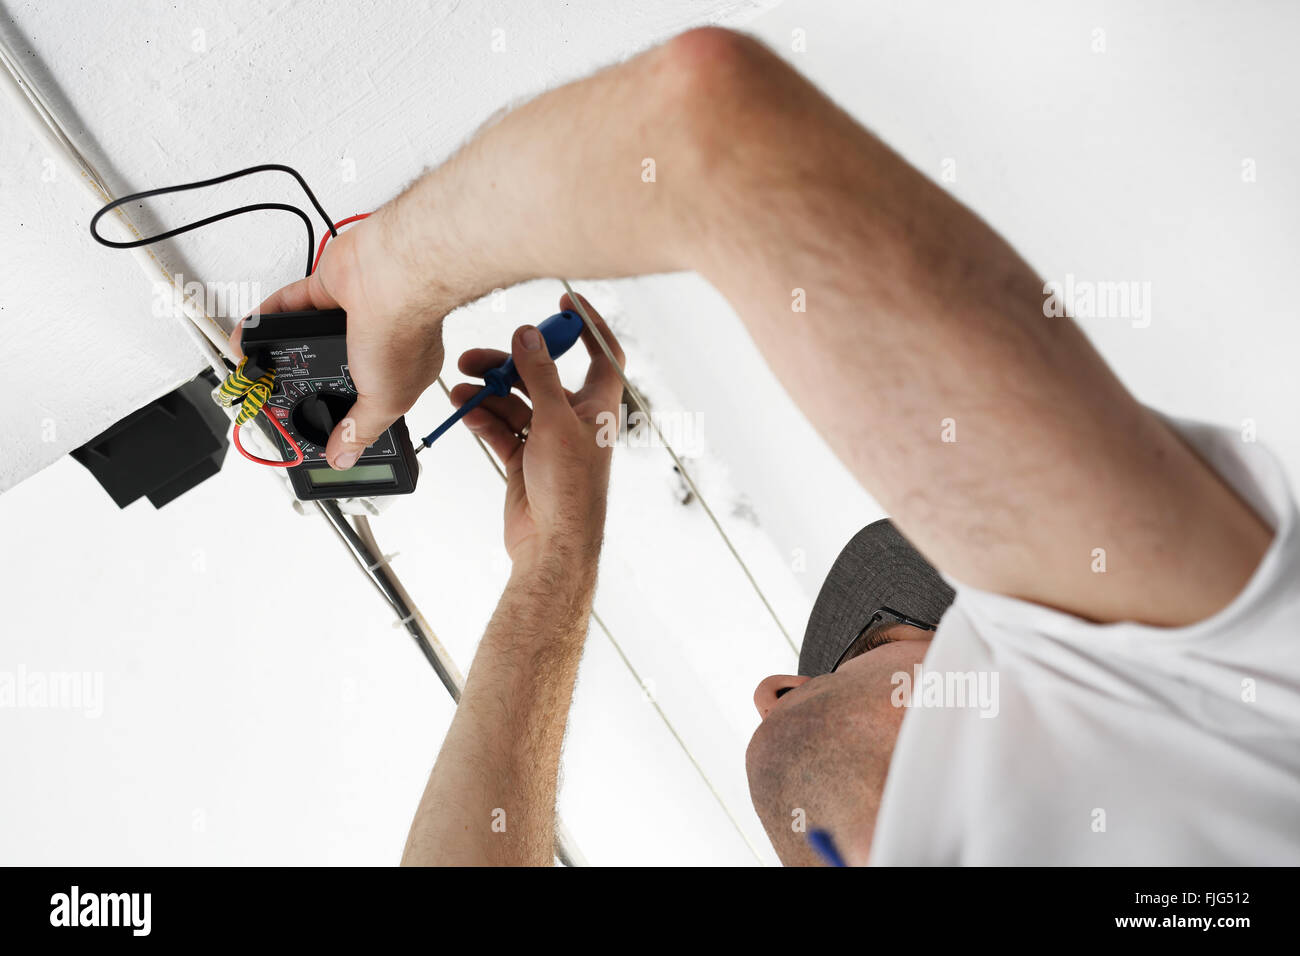 Elettricista. Installazione del cablaggio elettrico. La riparazione elettrica. Elettricista. Elettricista installazioni Immagini Stock